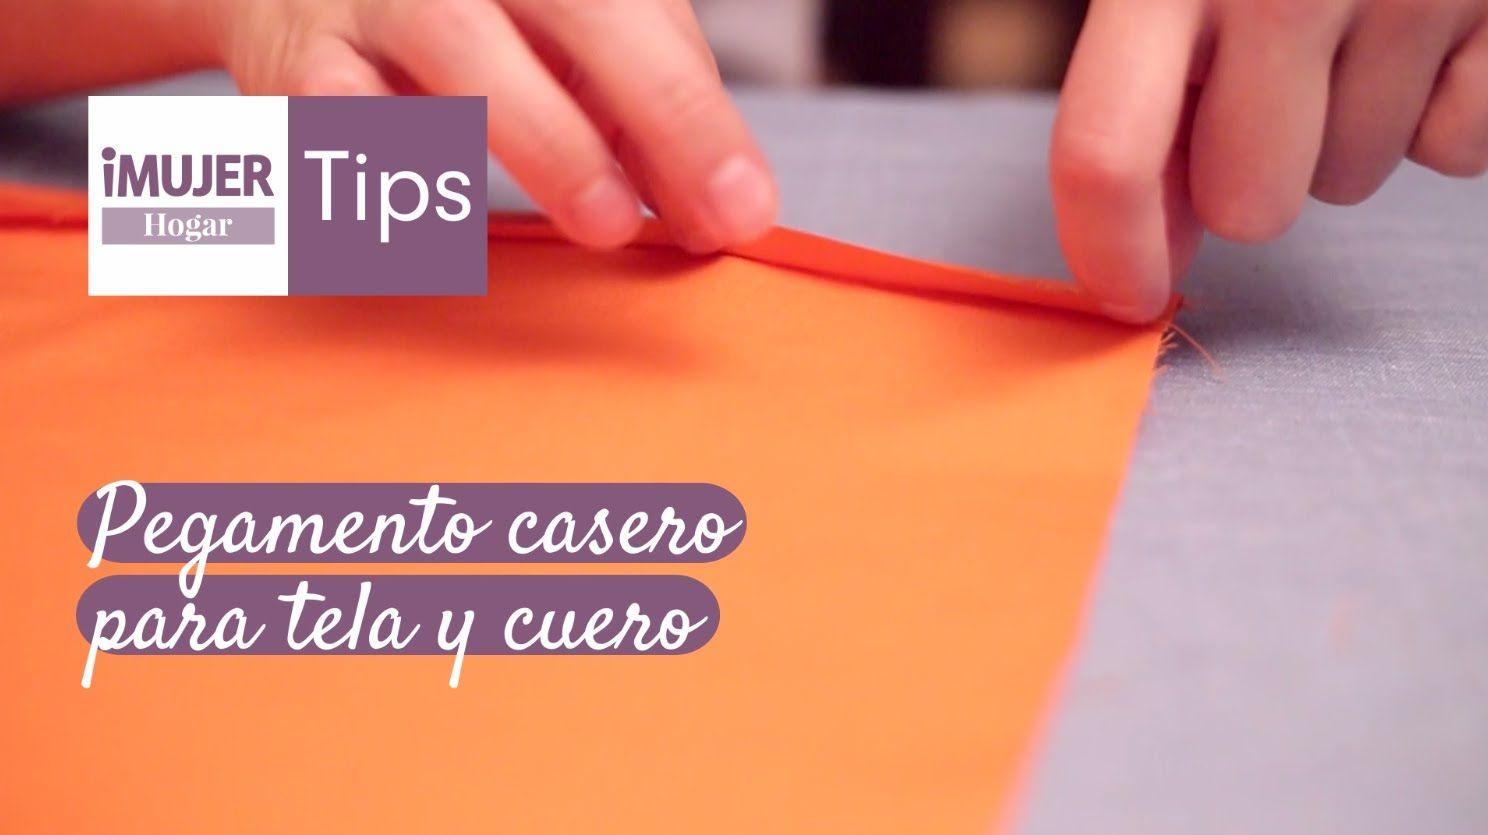 Tips Hogar Pegamento Casero Para Tela Y Cuero Imujerhogar Videos Tutorial Manualidades Diy Easy Diy Crafts